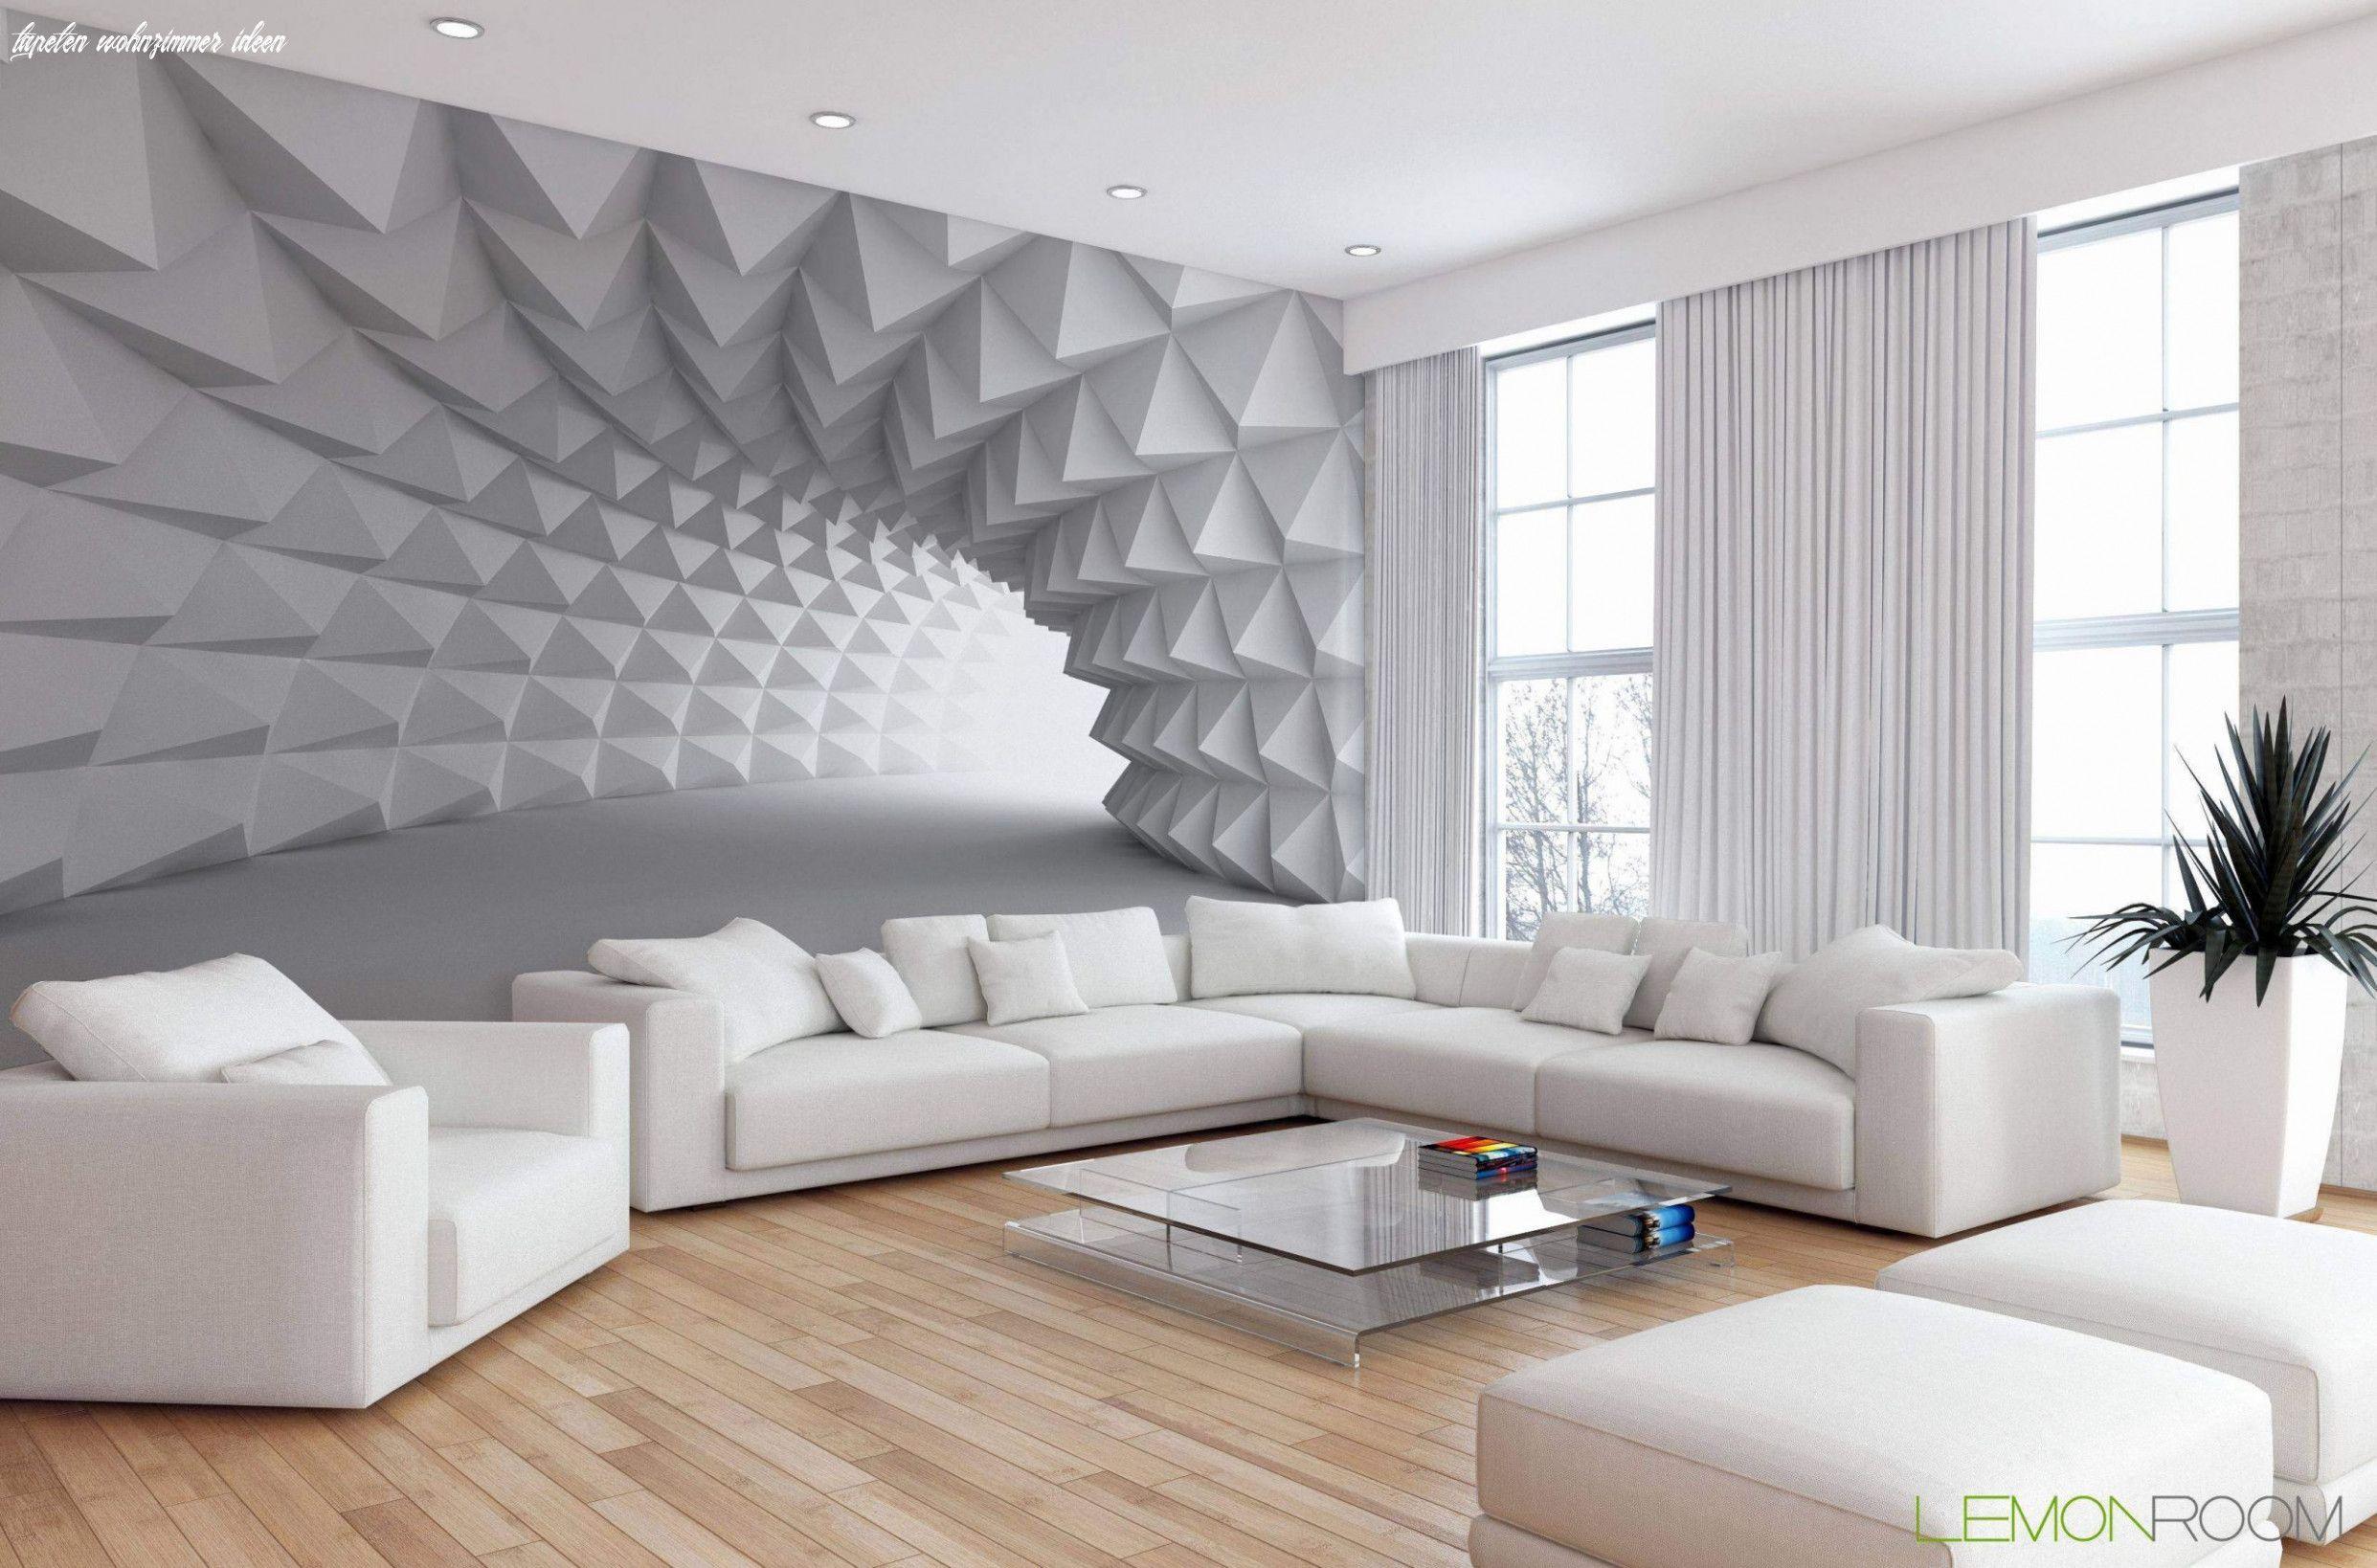 Zehn Neue Gedanken über Tapeten Wohnzimmer Ideen, Die Ihre Welt